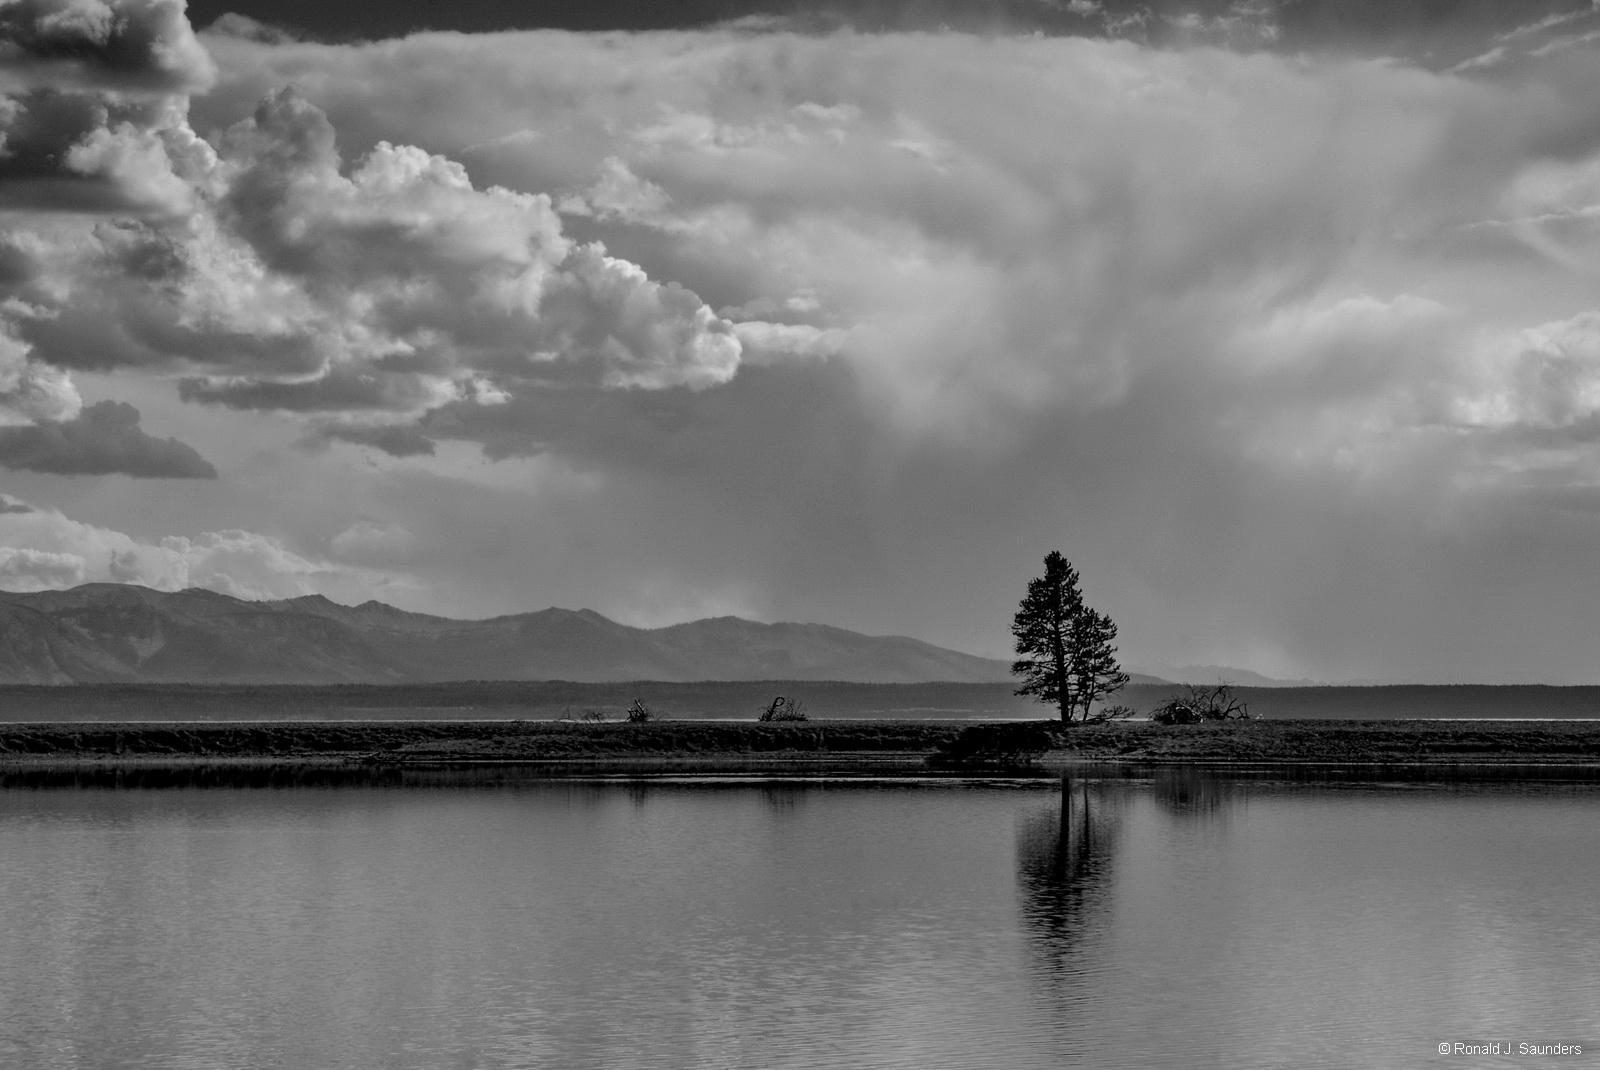 yellowstone, pine, tree, water, lake,clouds B&W, photo